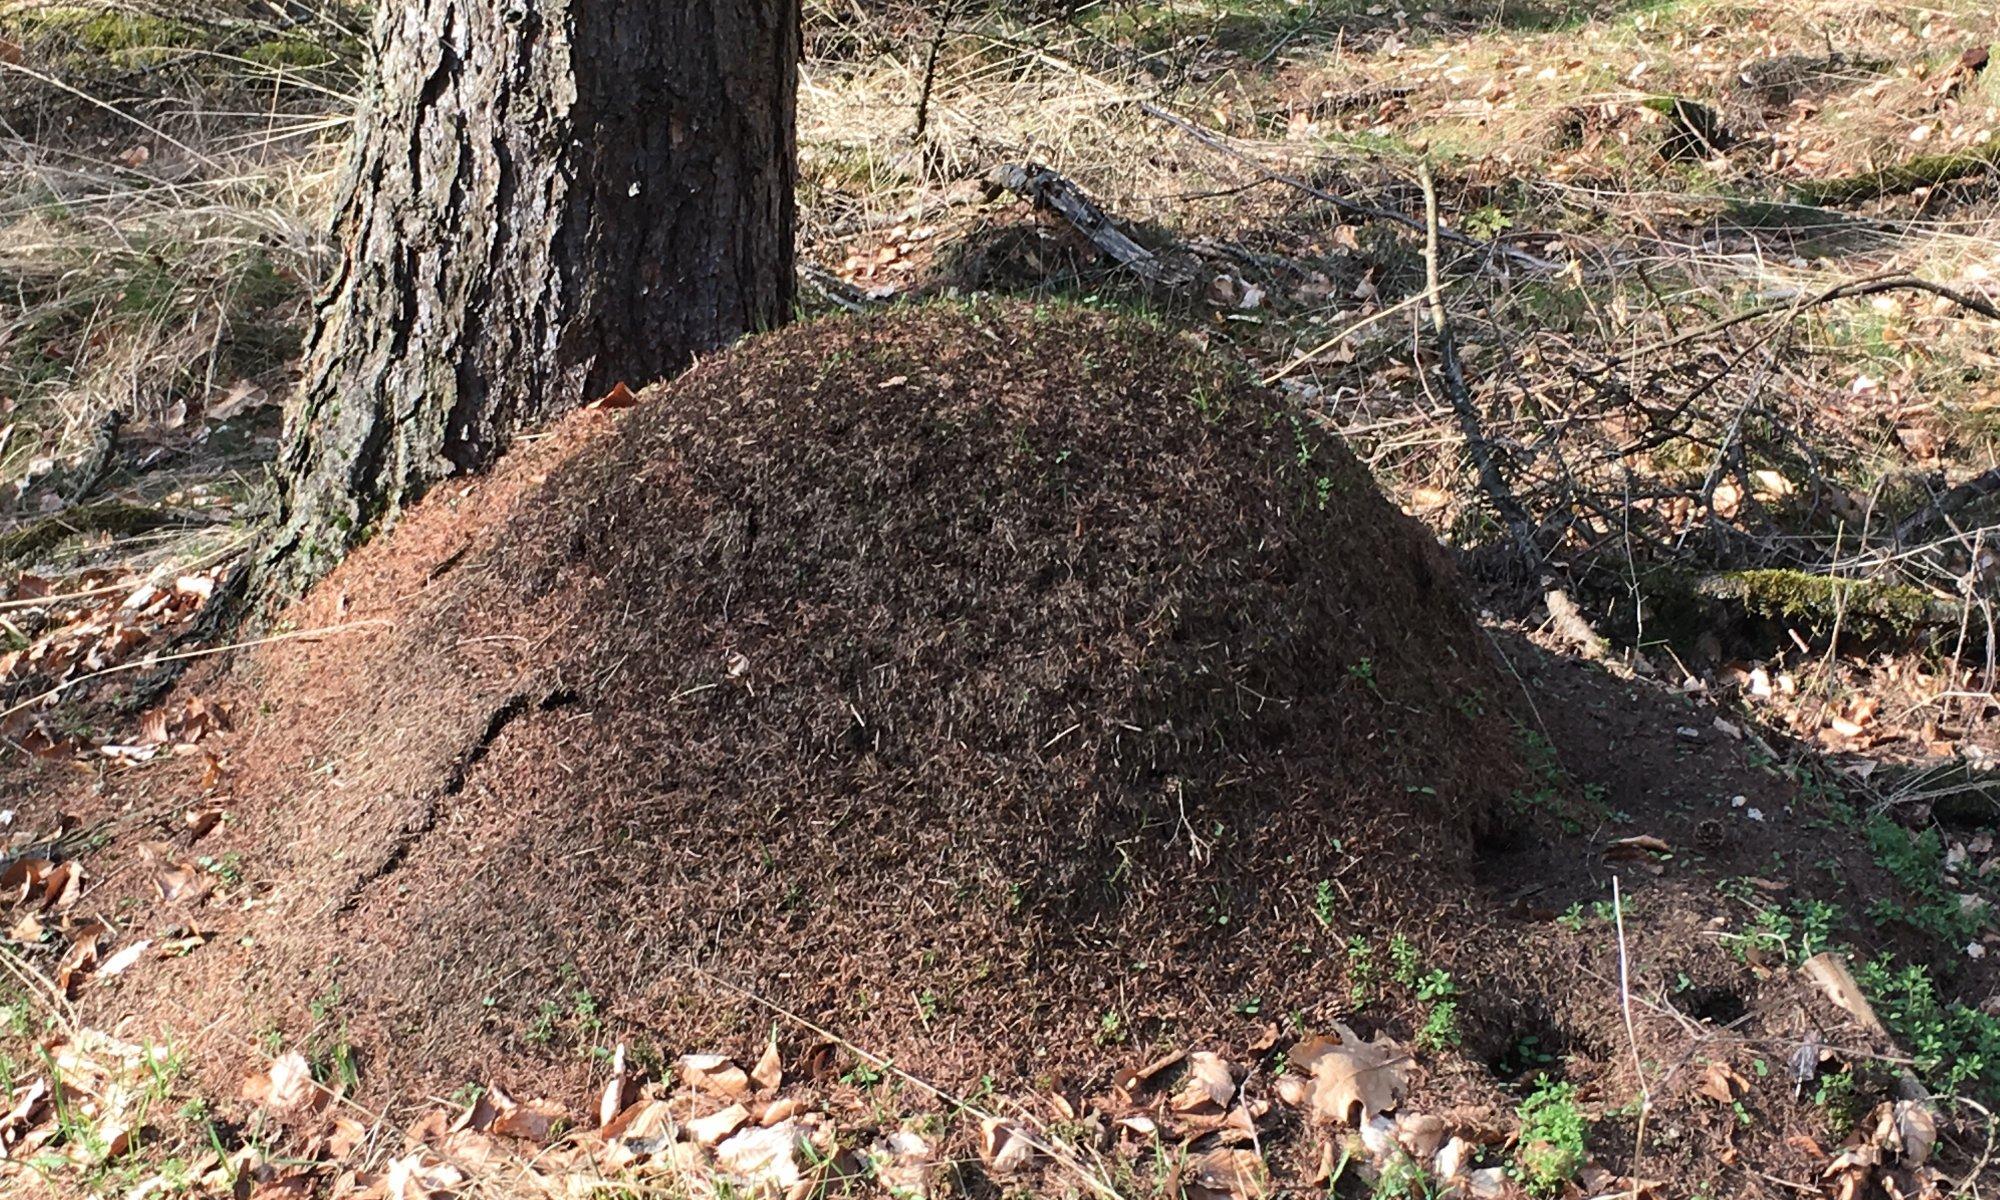 Ant colony, Hann. Münden